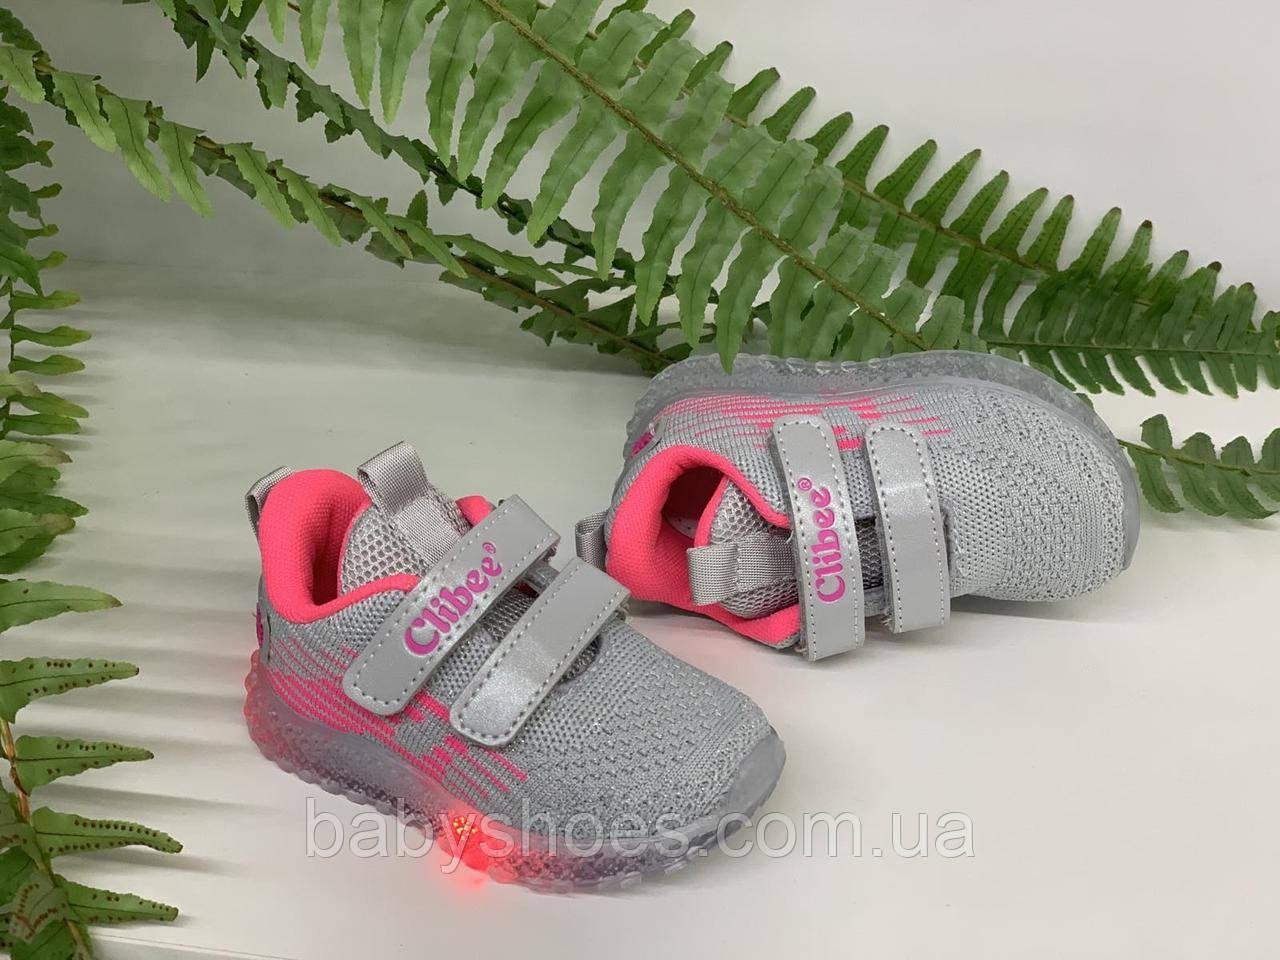 Кроссовки для девочки светодиодные Clibee Польша размер 21-26  КД-523